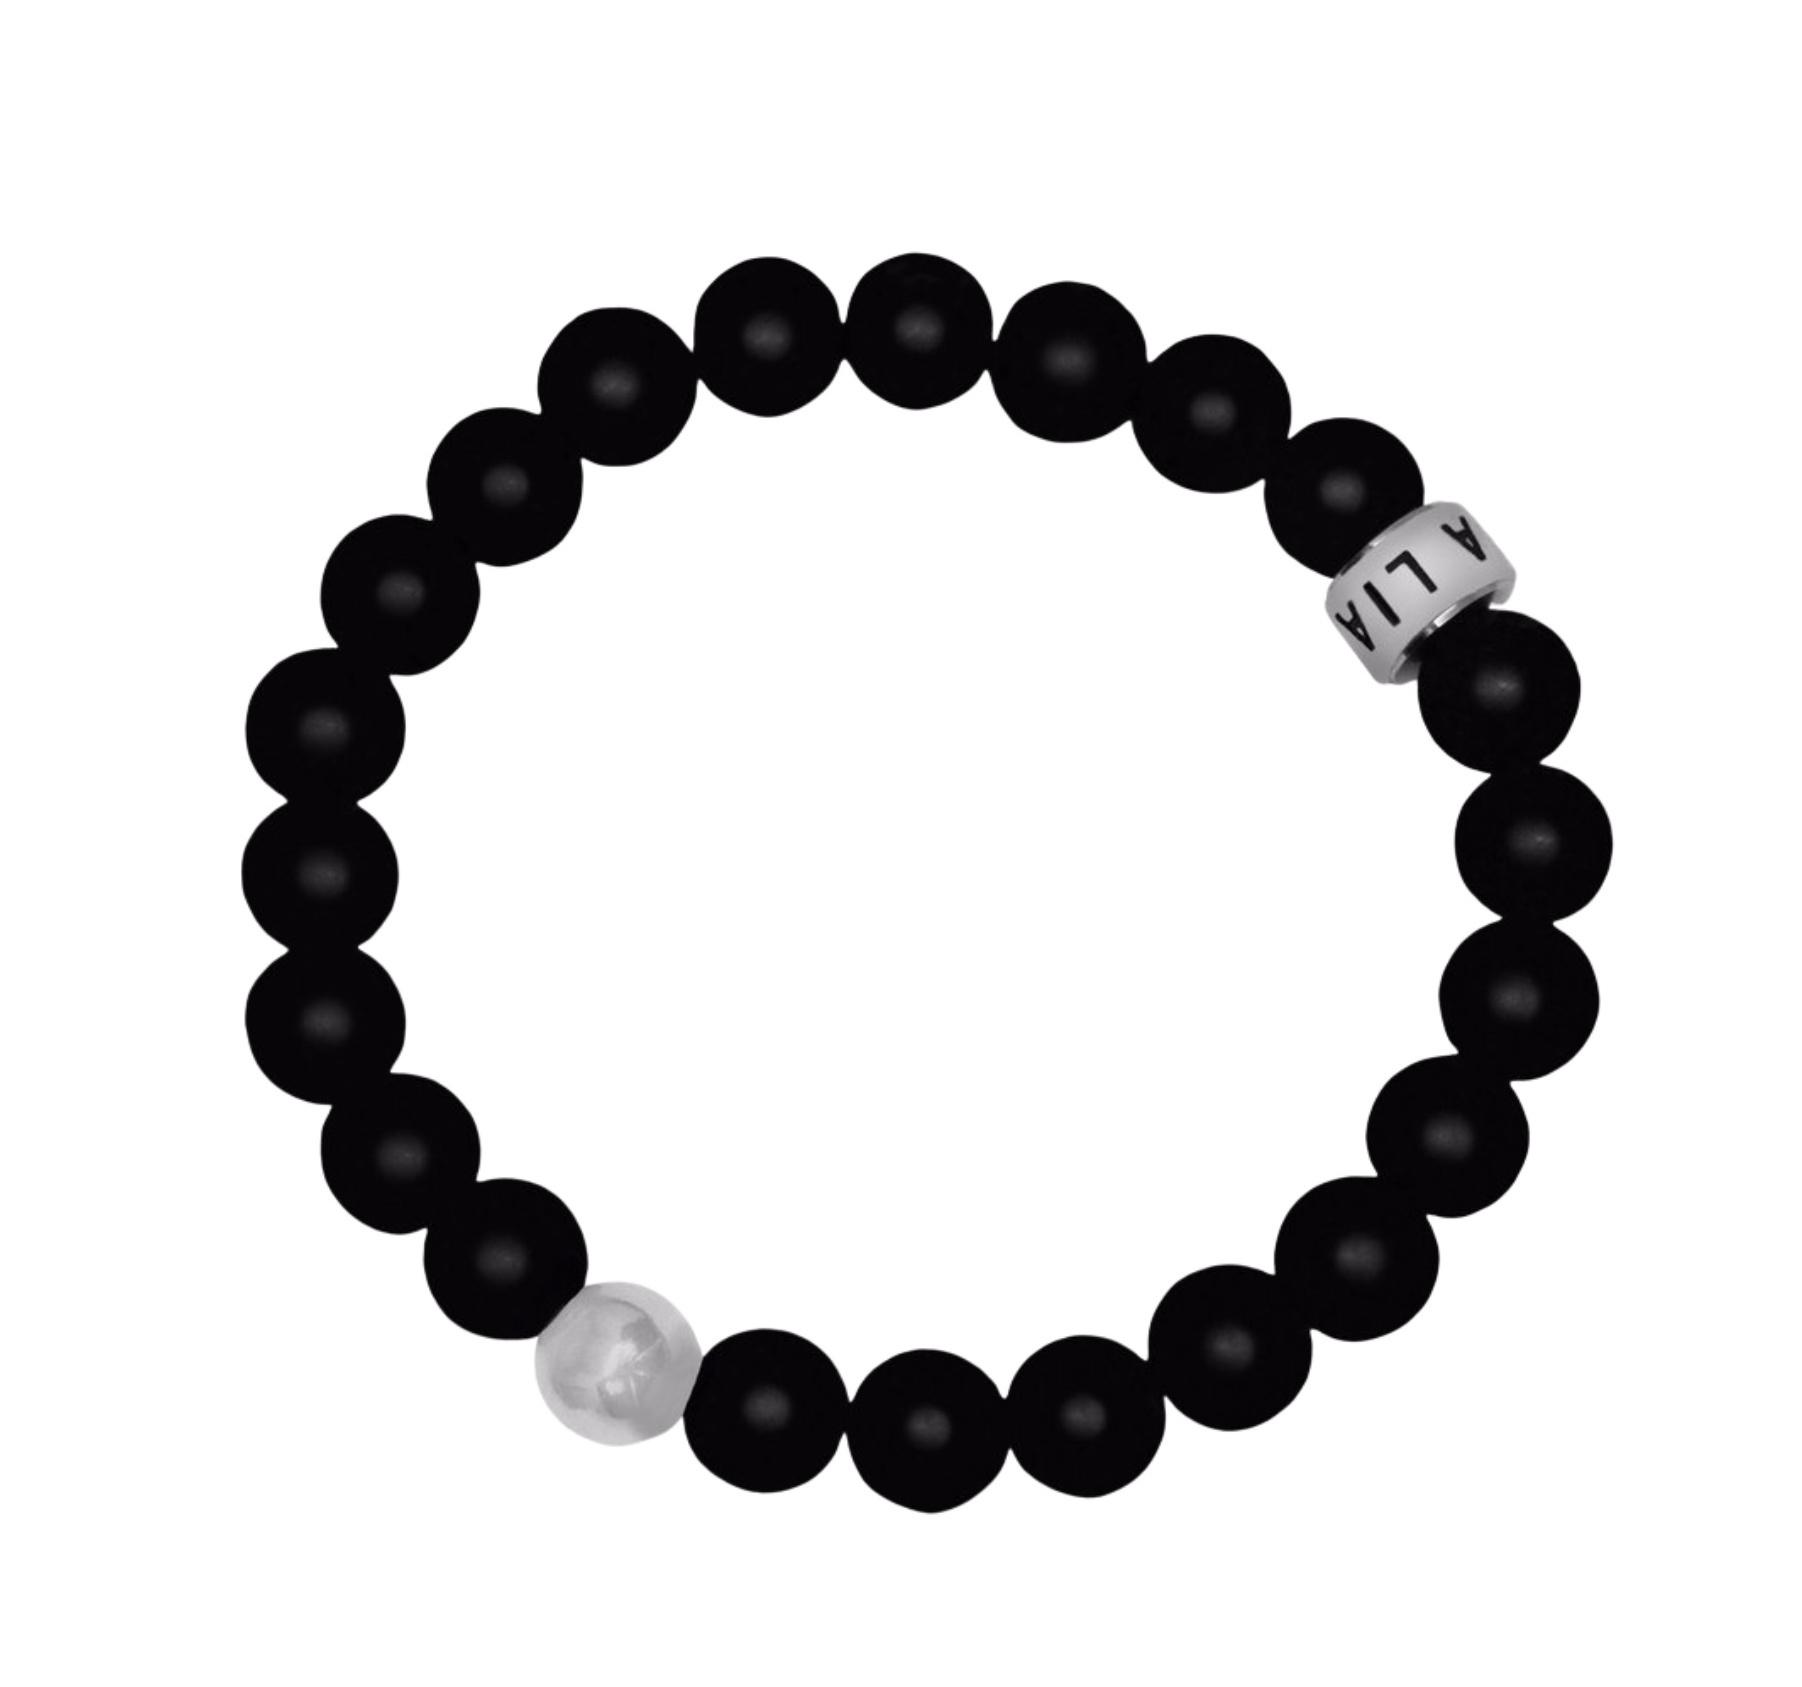 Lia Lubiana Lia Lubiana Onyx Single Bracelet